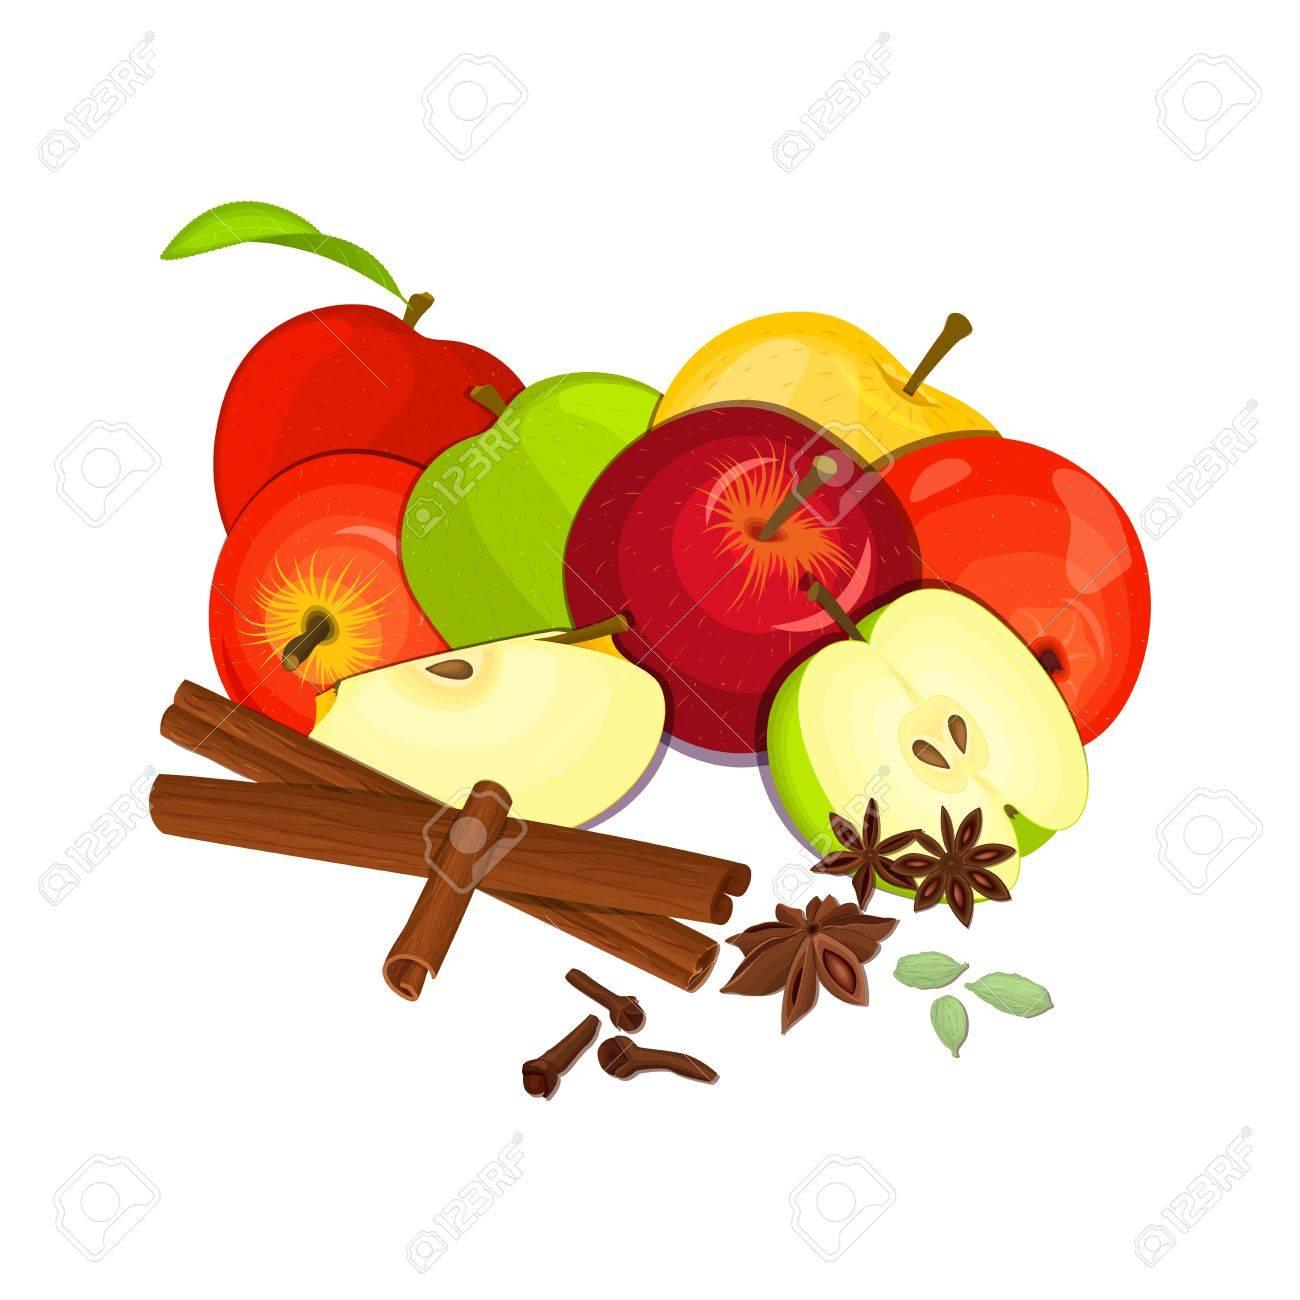 Dessin Pomme dessin vectoriel de quelques pommes avec des épices. jaune, rouge et